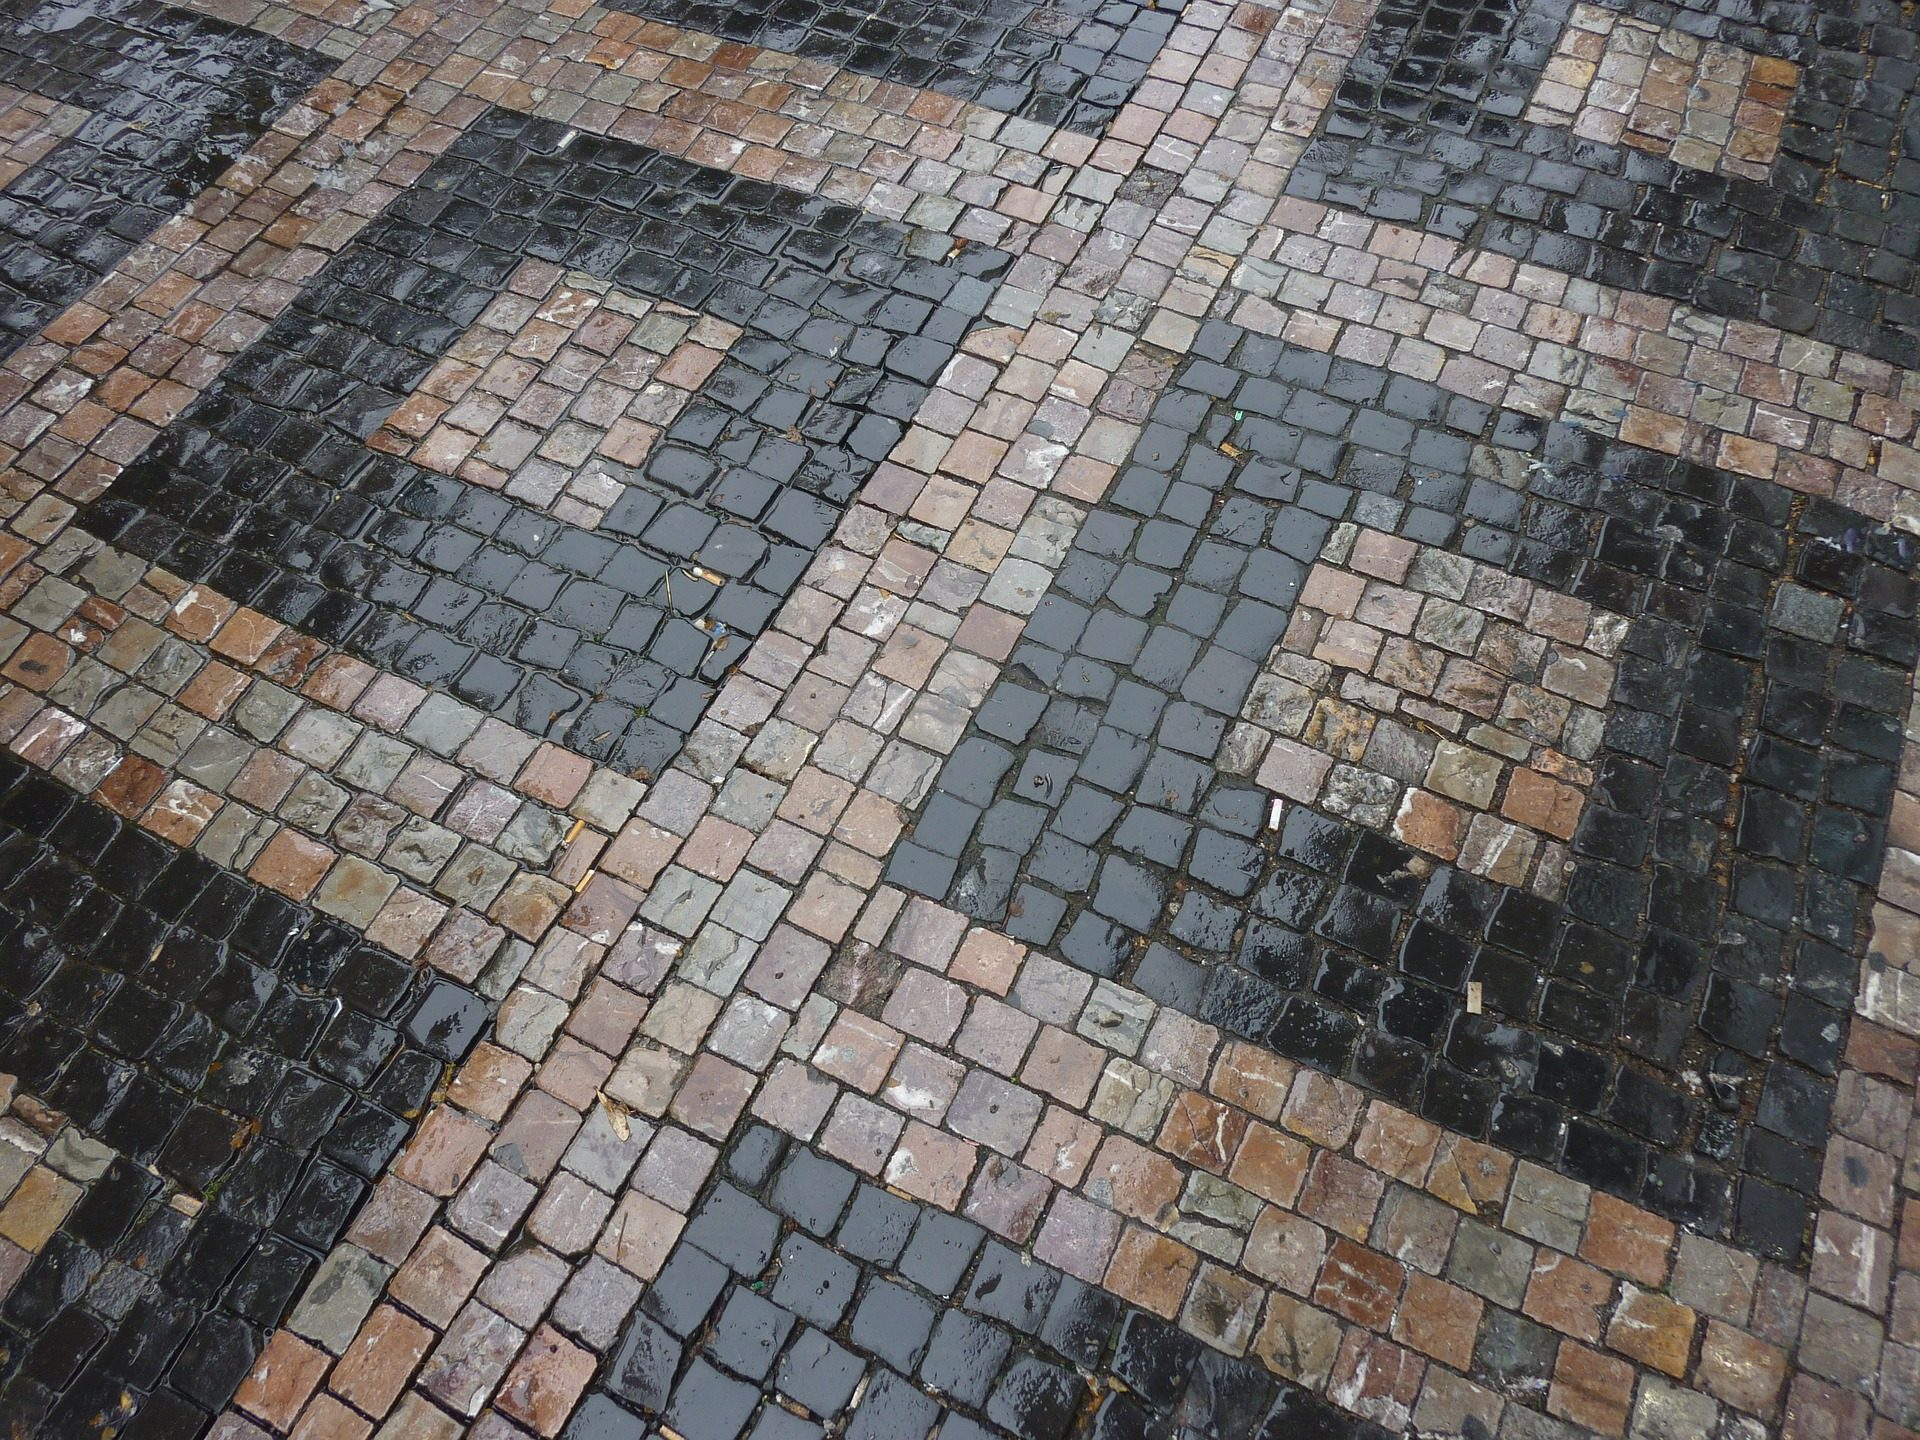 χώμα, πεζοδρόμιο, κεραμίδι, πέτρες, αριθμοί, υγρό - Wallpapers HD - Professor-falken.com